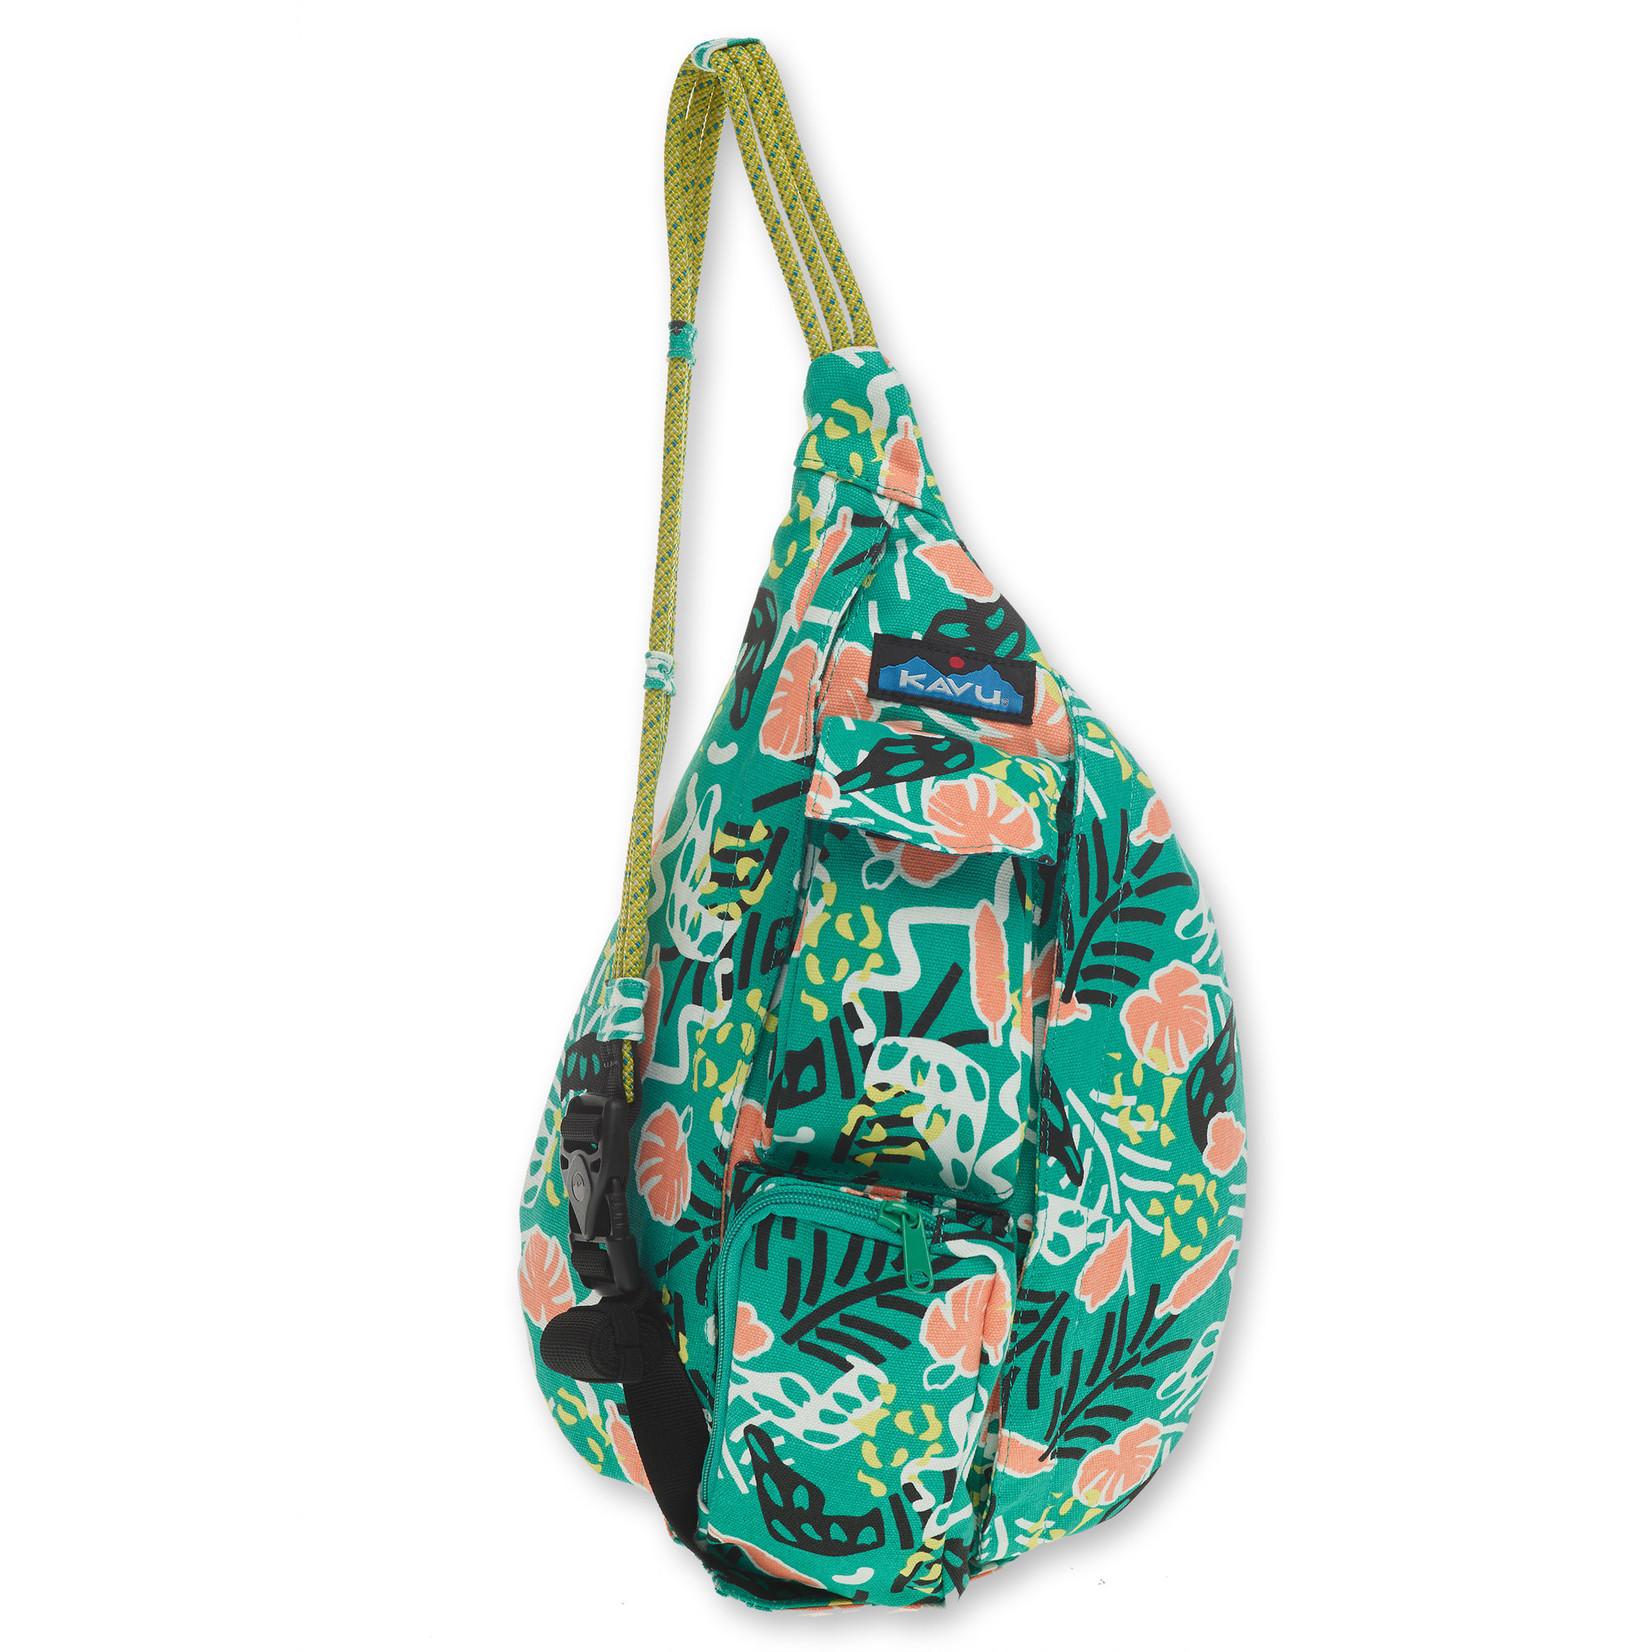 Kavu Mini Rope Bag - Jungle Party